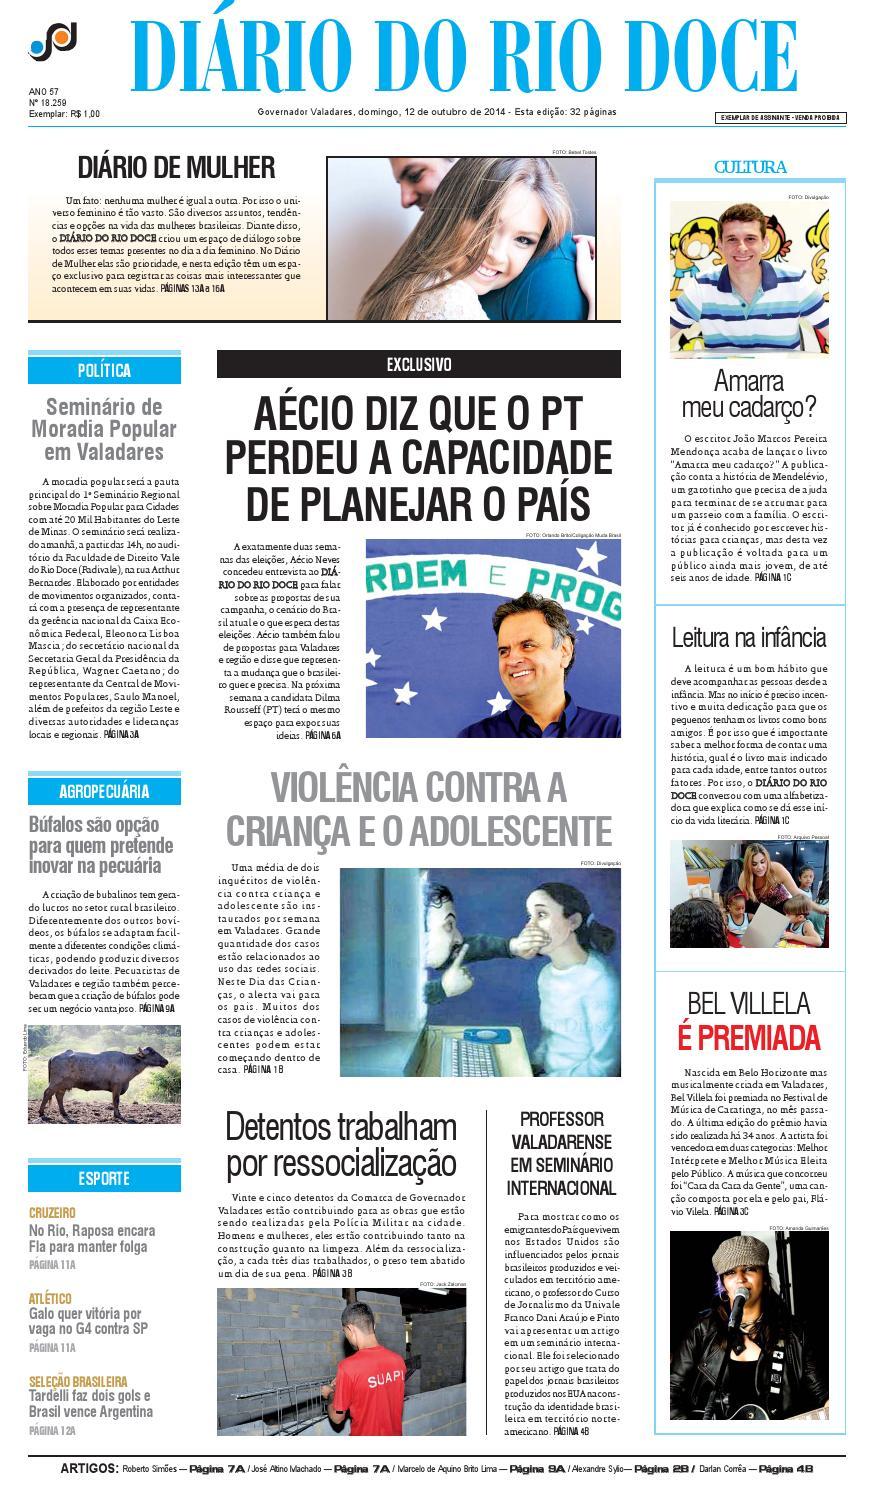 Diário do Rio Doce - Edição de 12 10 2014 by Diário do Rio Doce - issuu 6079f8bd3b